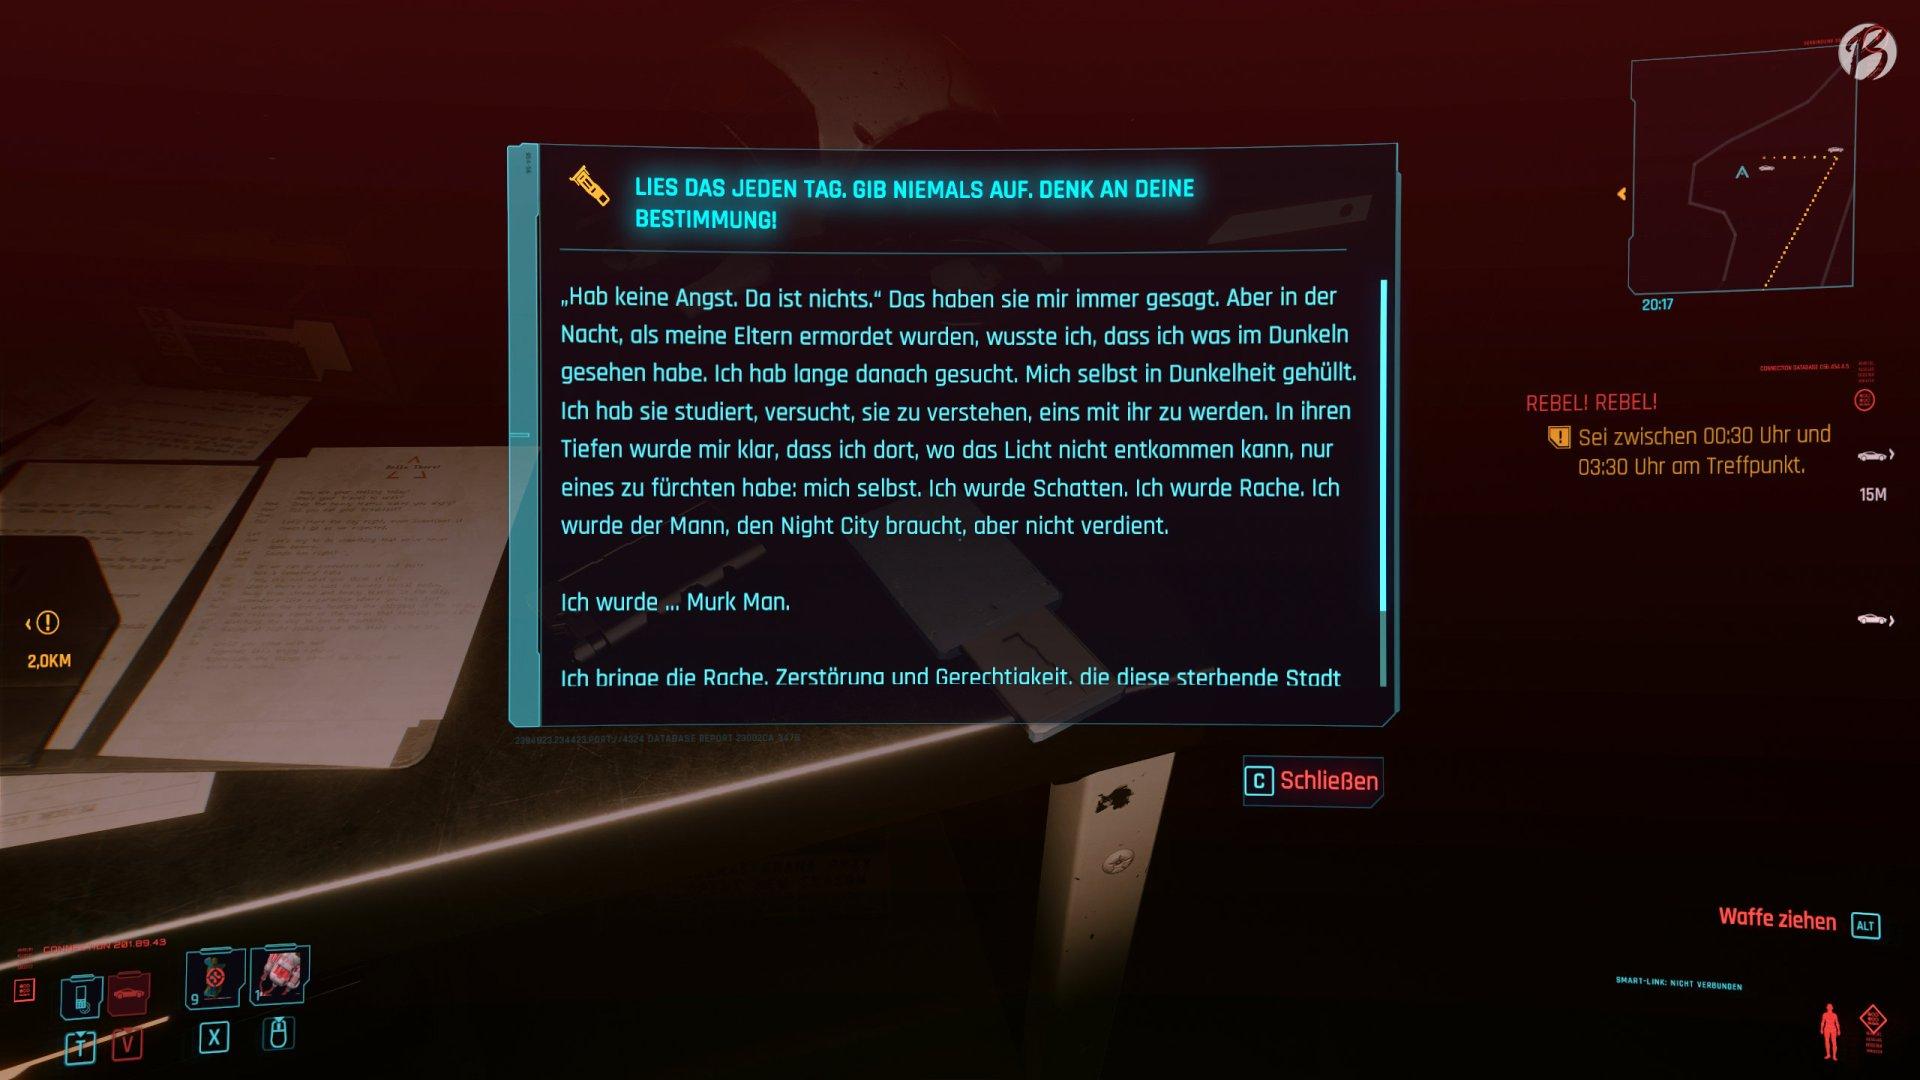 Cyberpunk-2077 - Splitter: Die Geschichte von Murk-Man